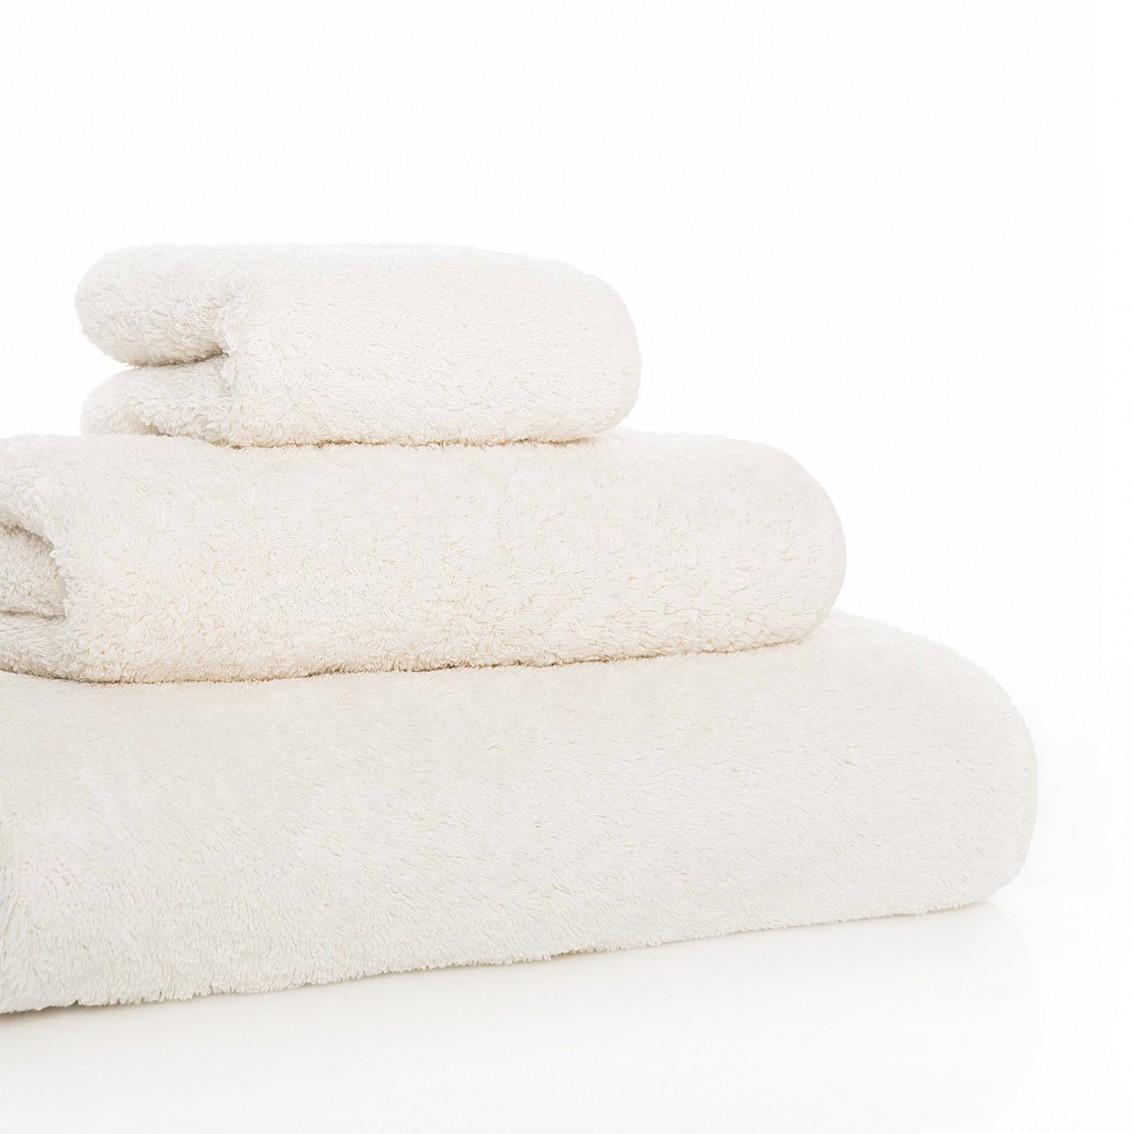 LONG DOUBLE LOOP TOWELS